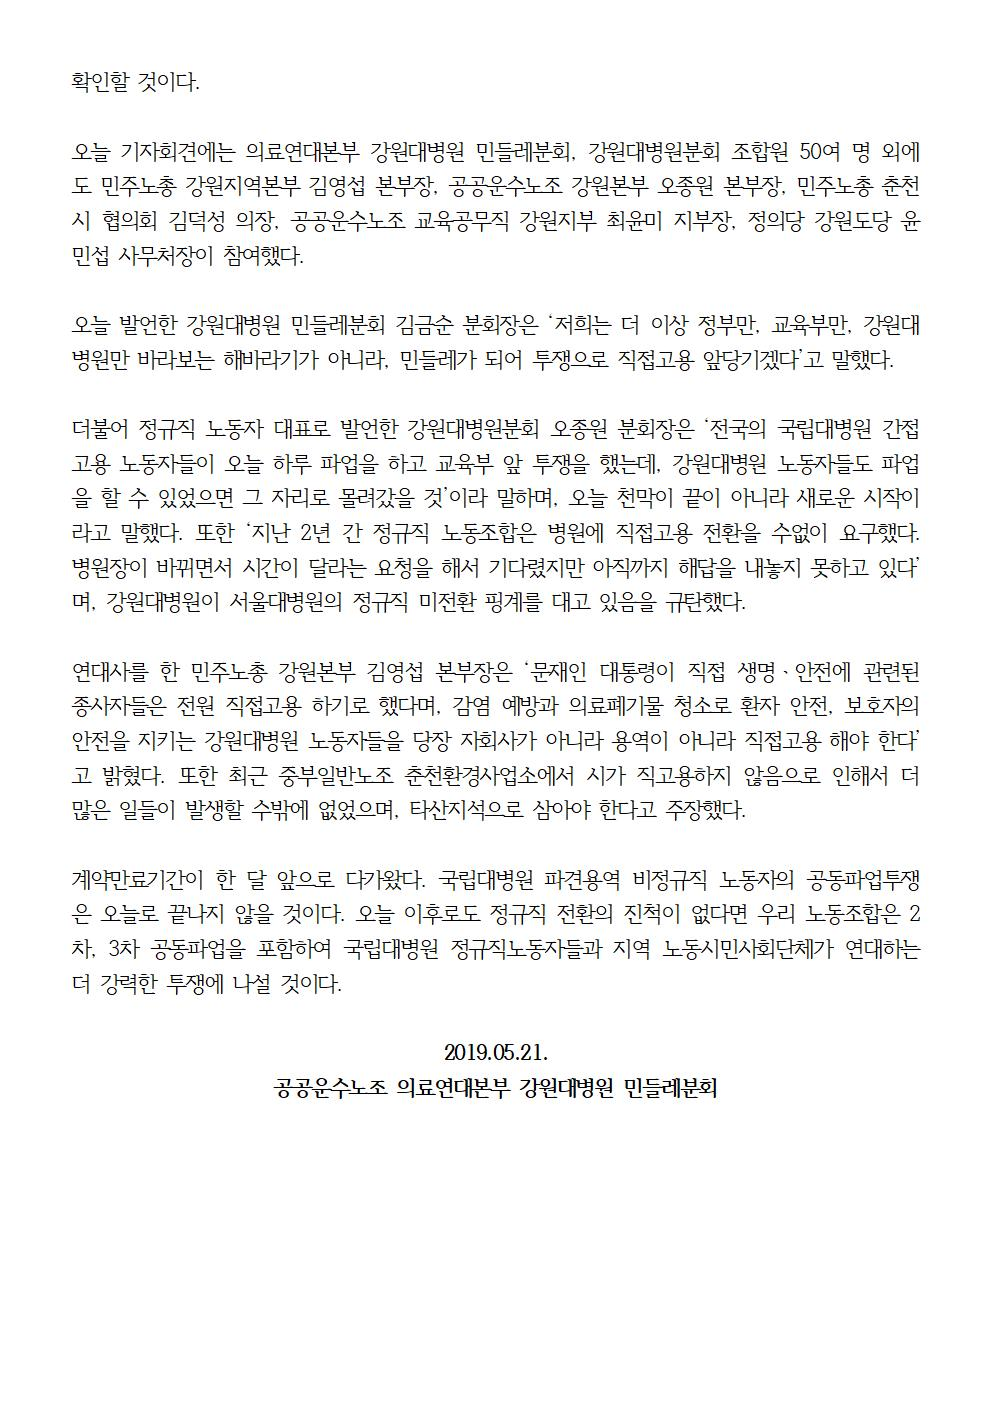 20190521_[보도자료]_강원대병원_민들레분회_조정신청_공동투쟁002.jpg